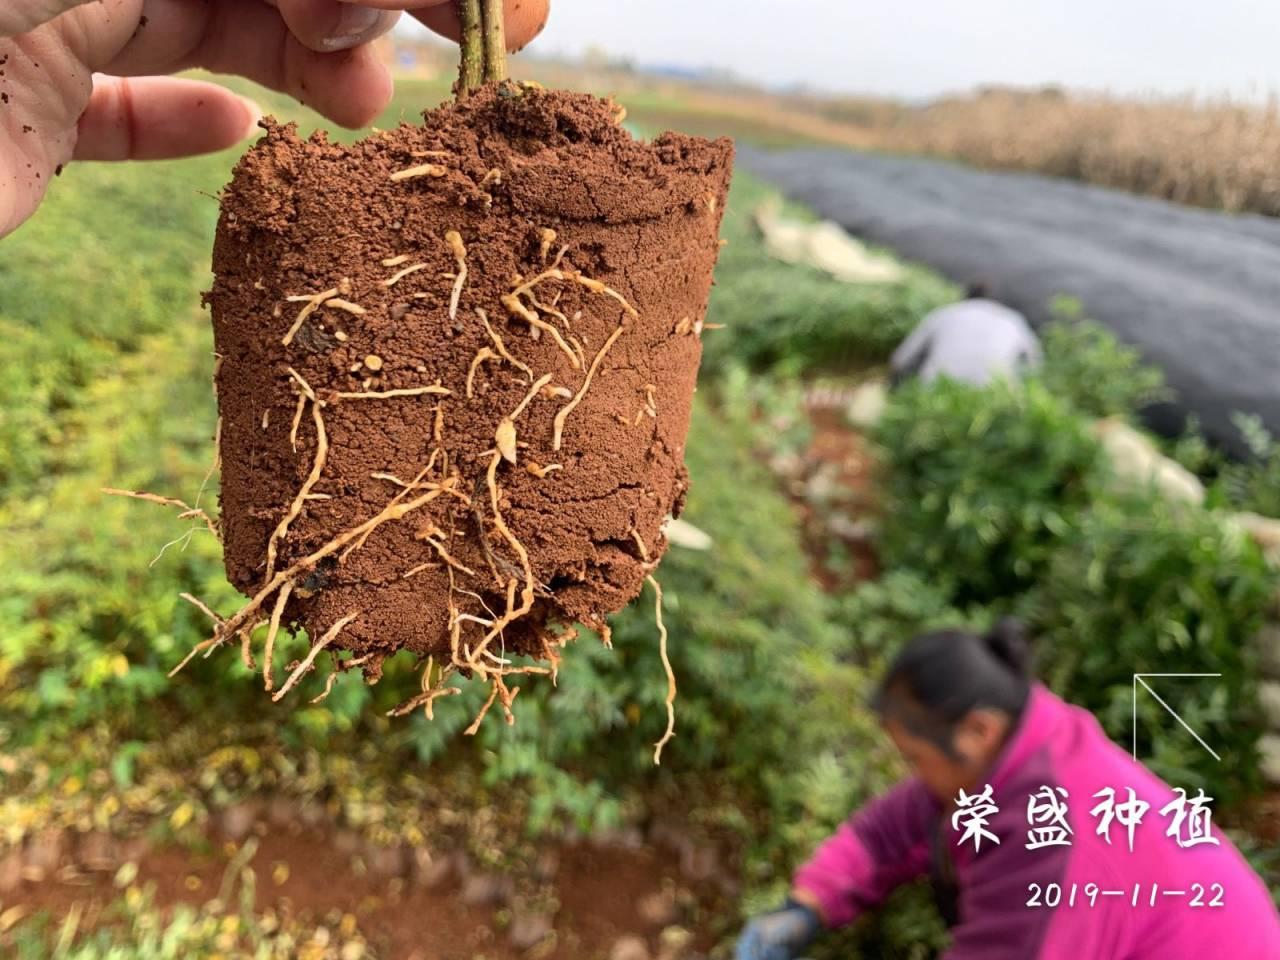 九叶青花椒树苗